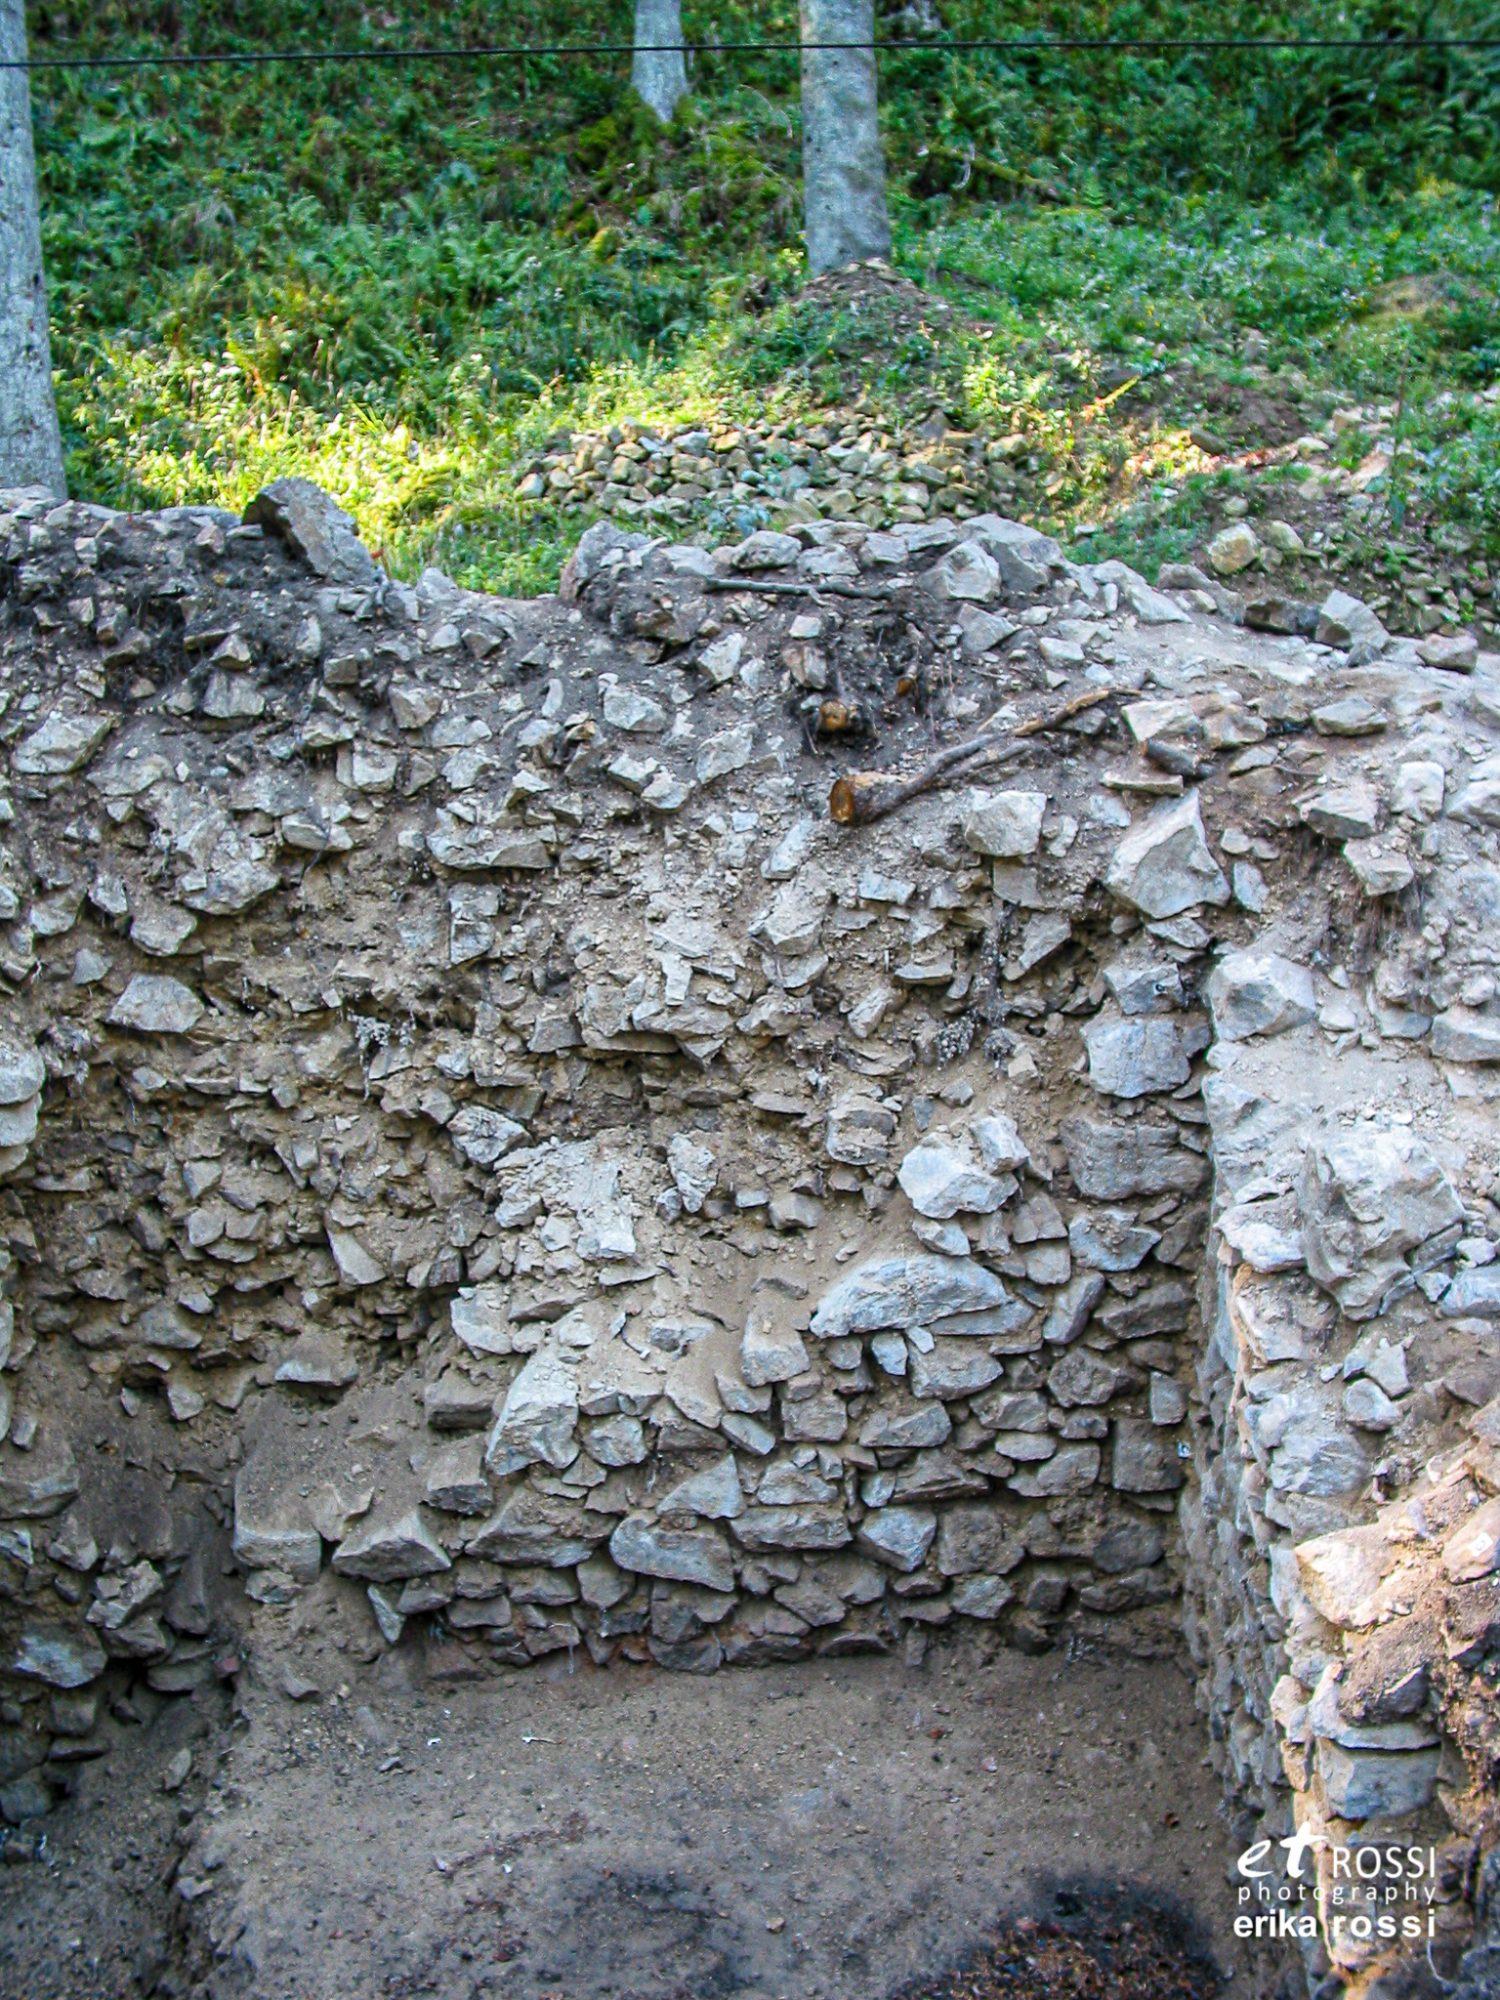 Birchiburg 2003 09 14 0010 - Birchiburg